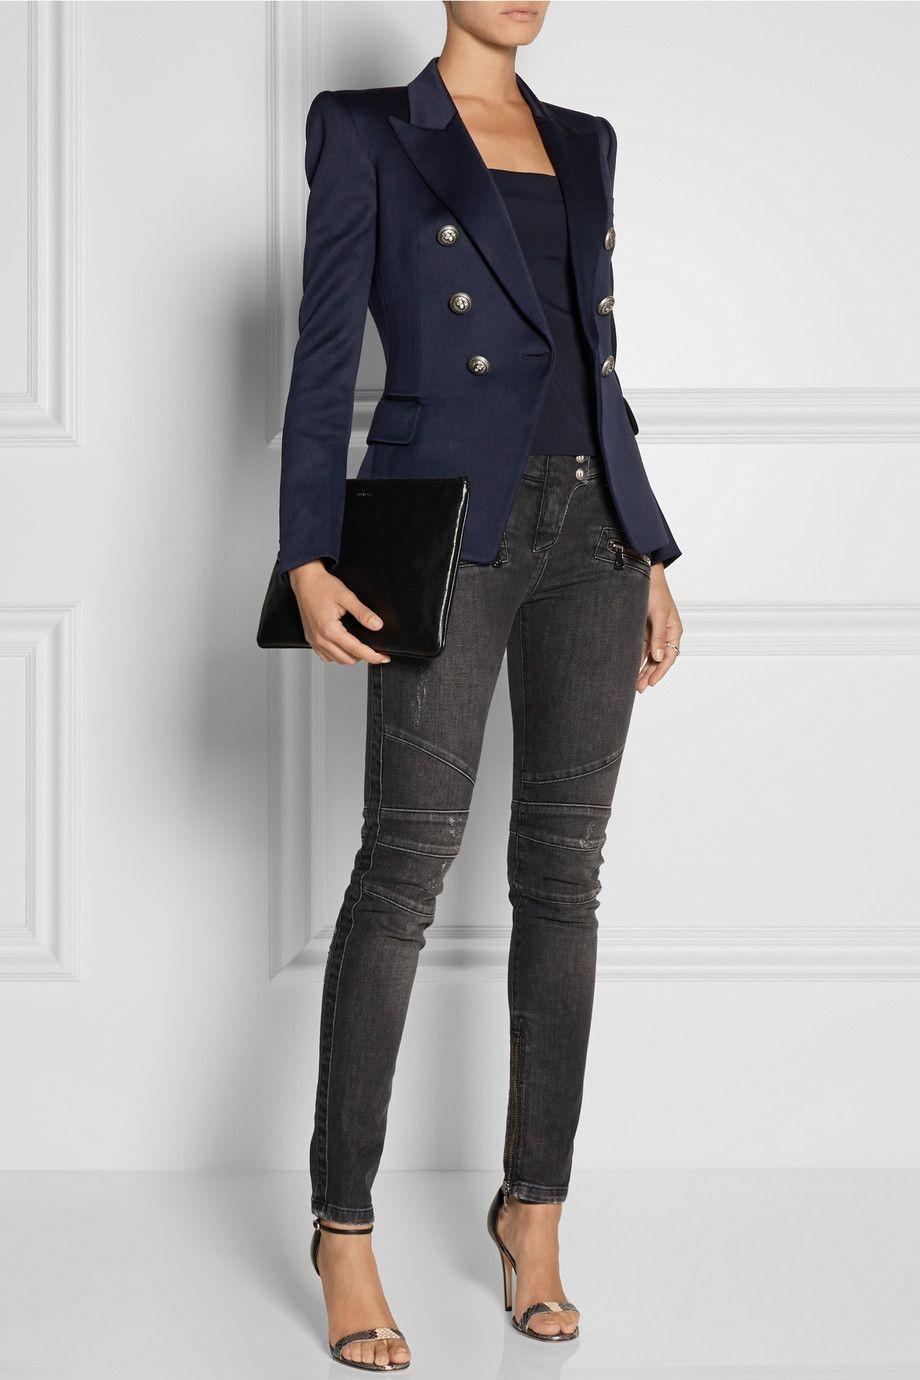 97b7d519 Balmain | Blazer en gabardine de laine | NET-A-PORTER.COM | Net A ...